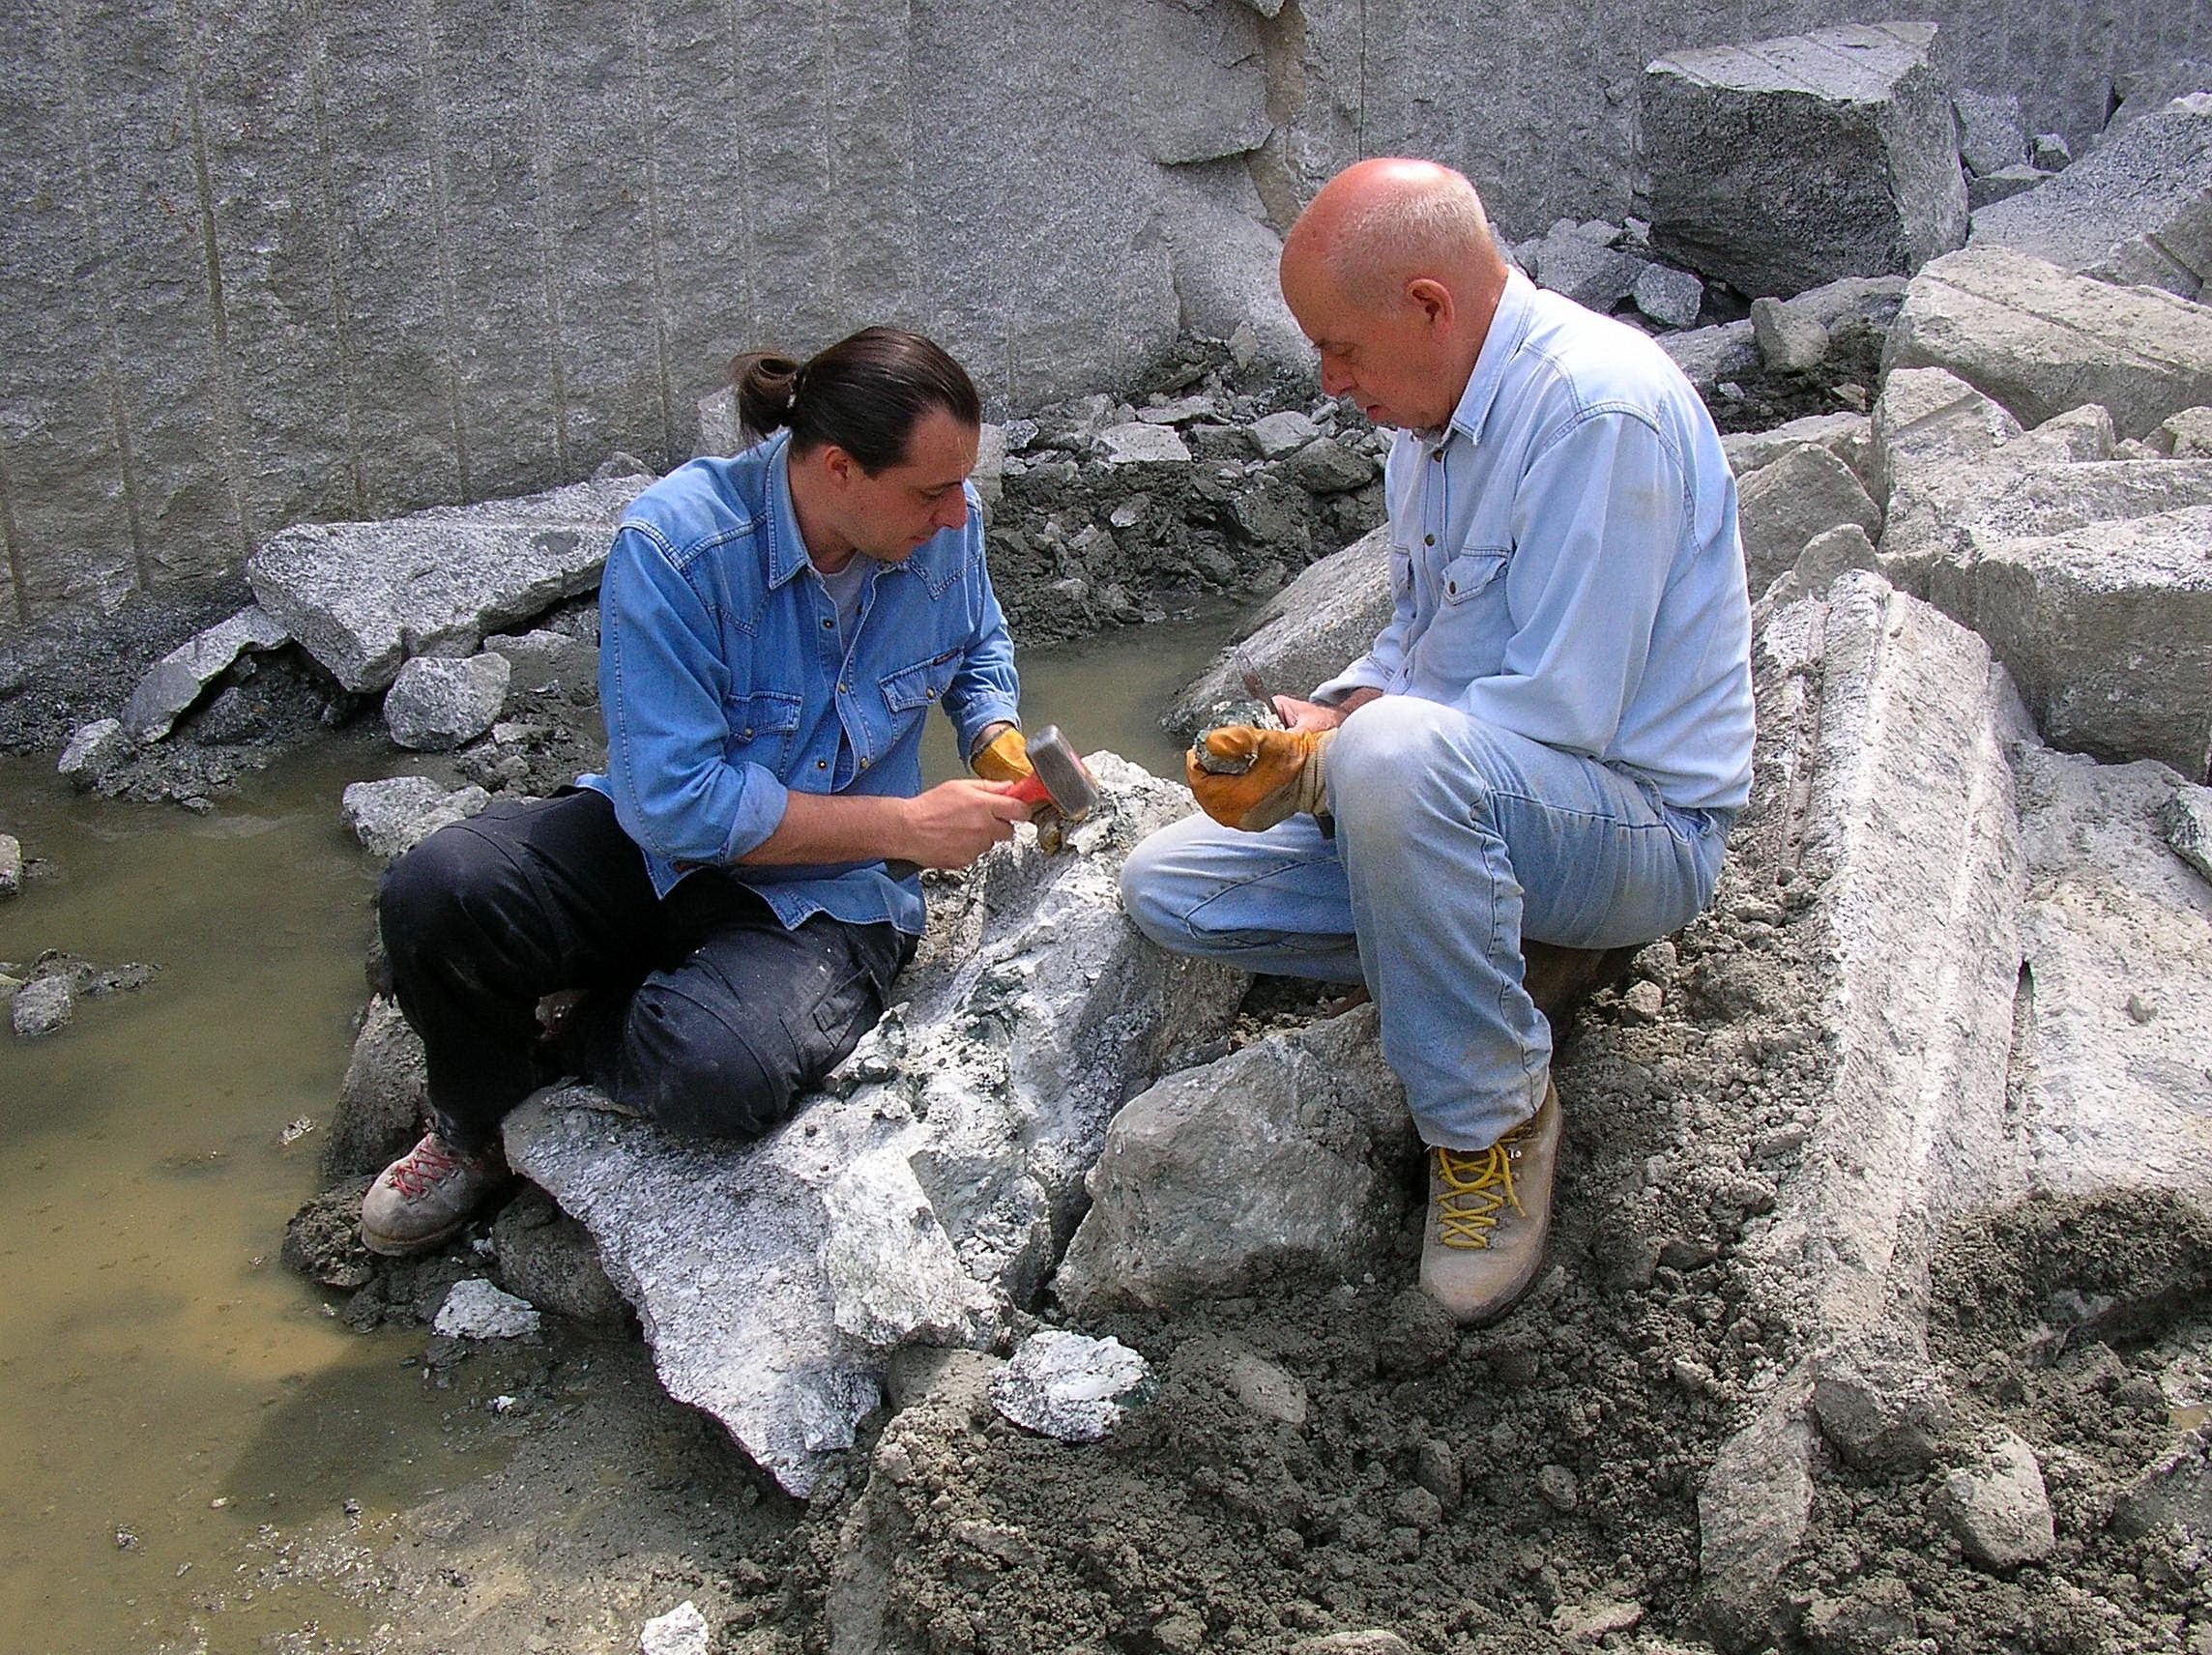 al lavoro rompendo sassi  - ricerca minerali